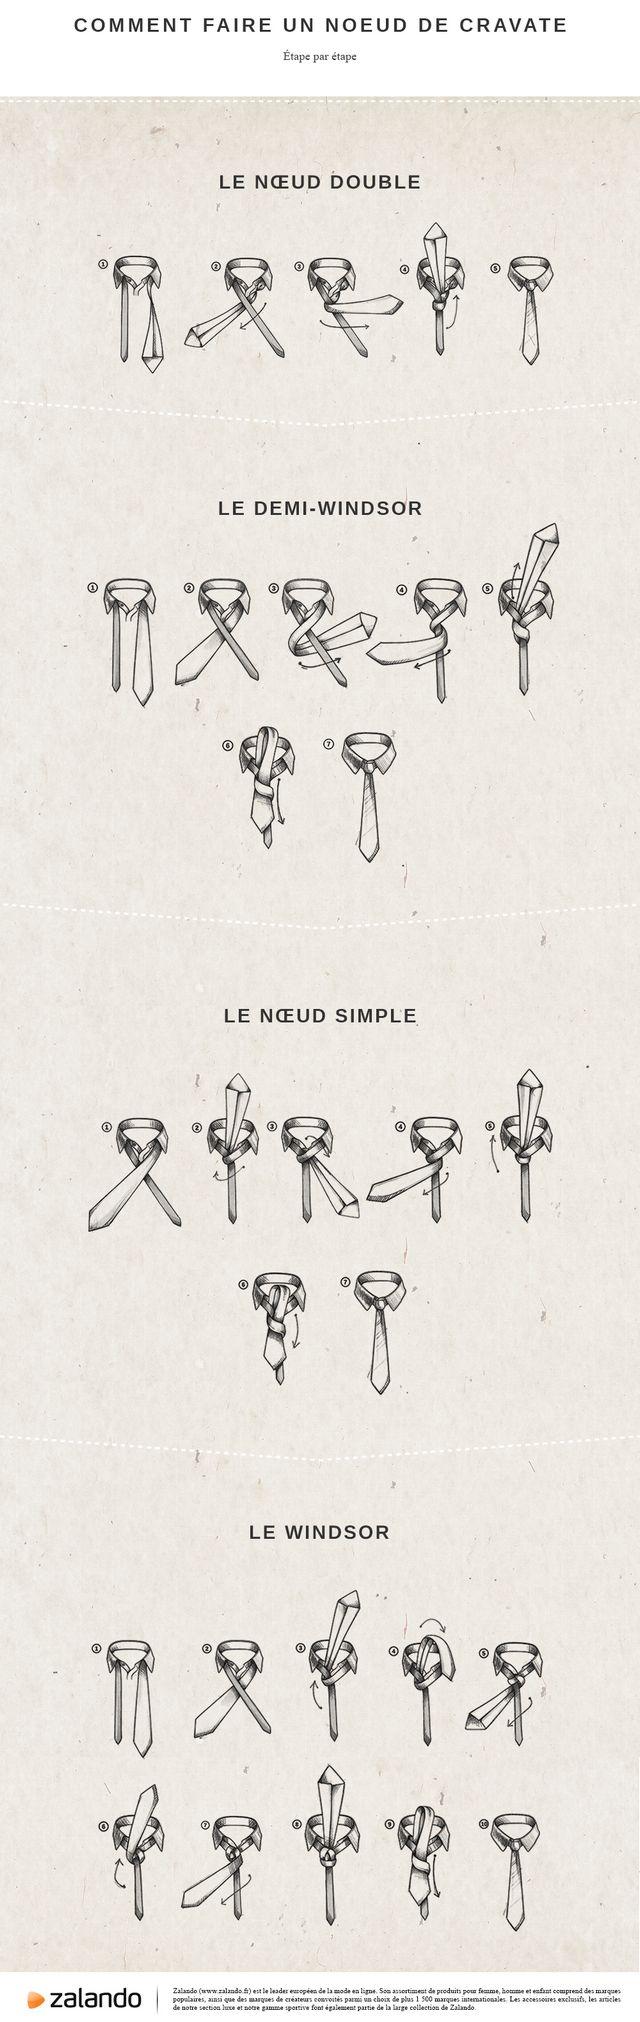 Comment faire un noeud de cravate                                                                                                                                                                                 Plus